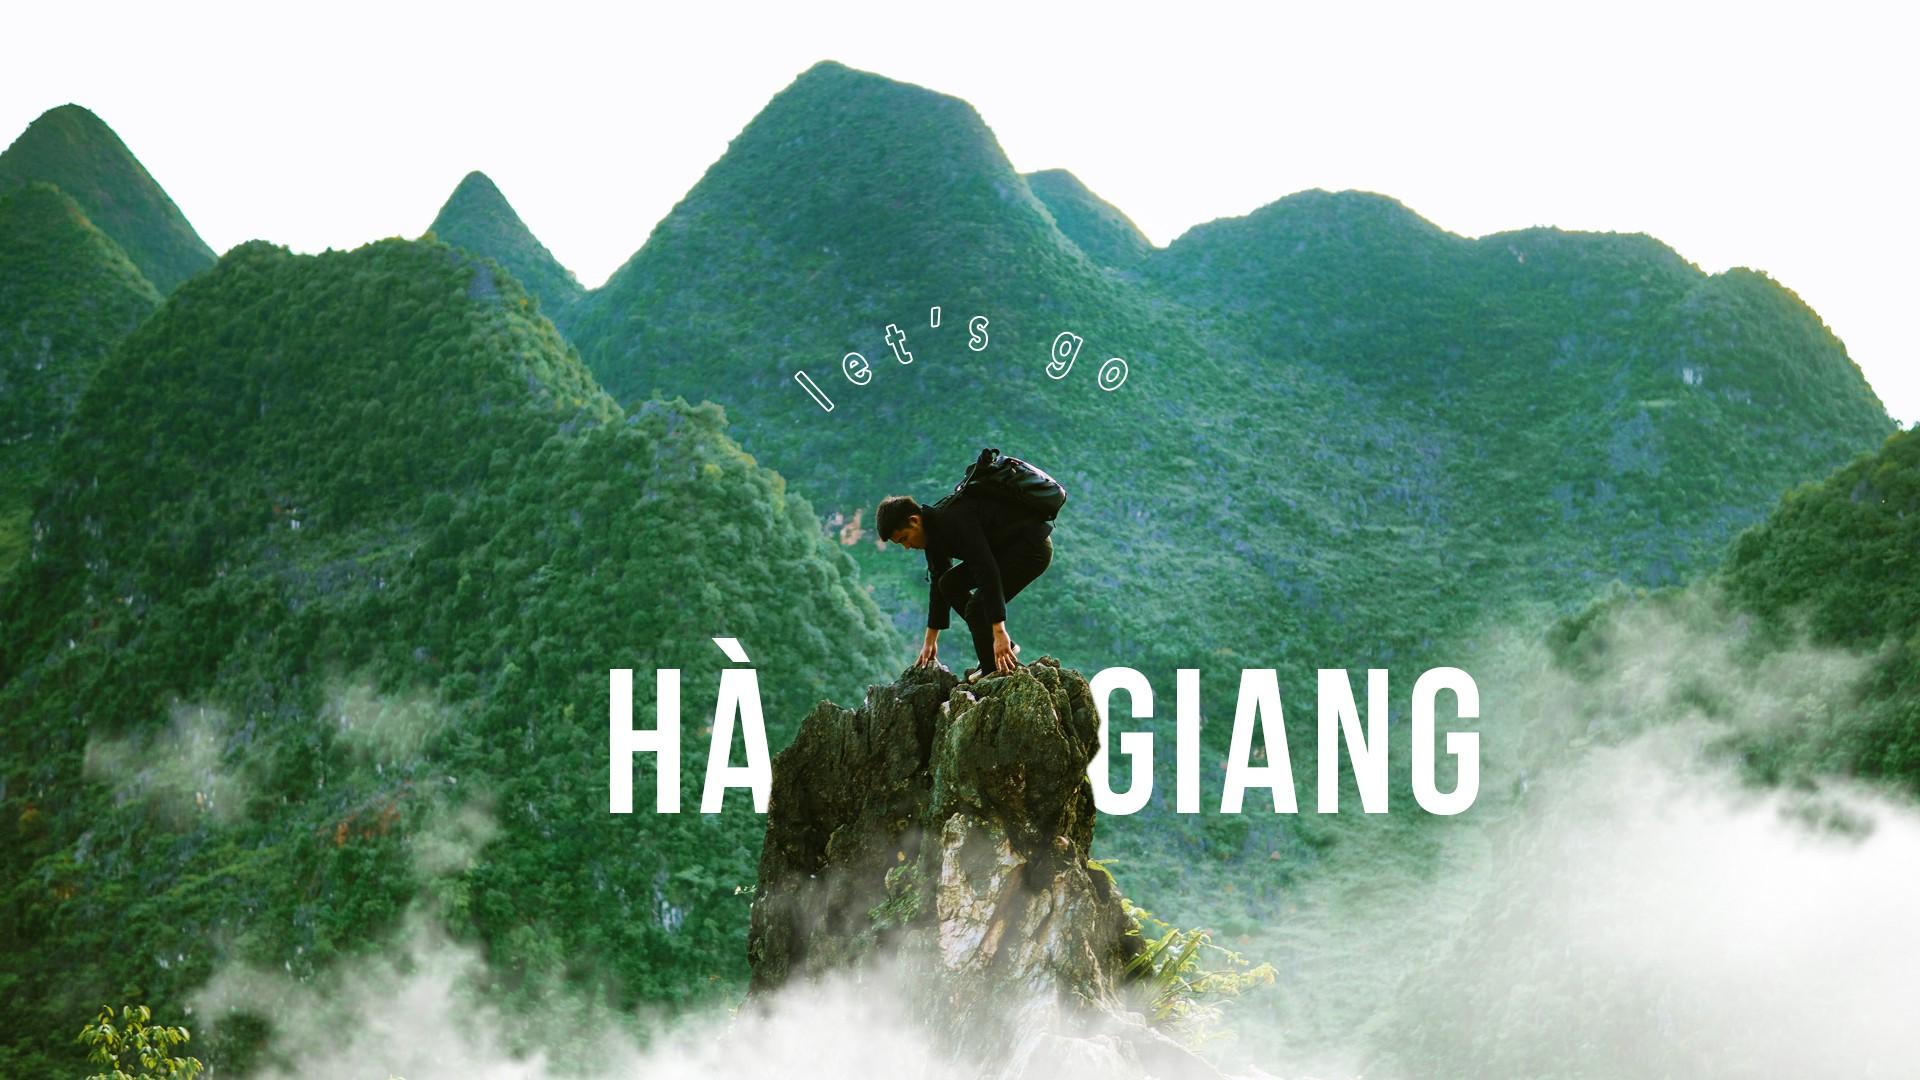 Cực phẩm Hà Giang trong video của blogger du lịch điển trai: Đầy tiếng cười trẻ thơ và cảnh vật thì đẹp xuất thần - Ảnh 3.